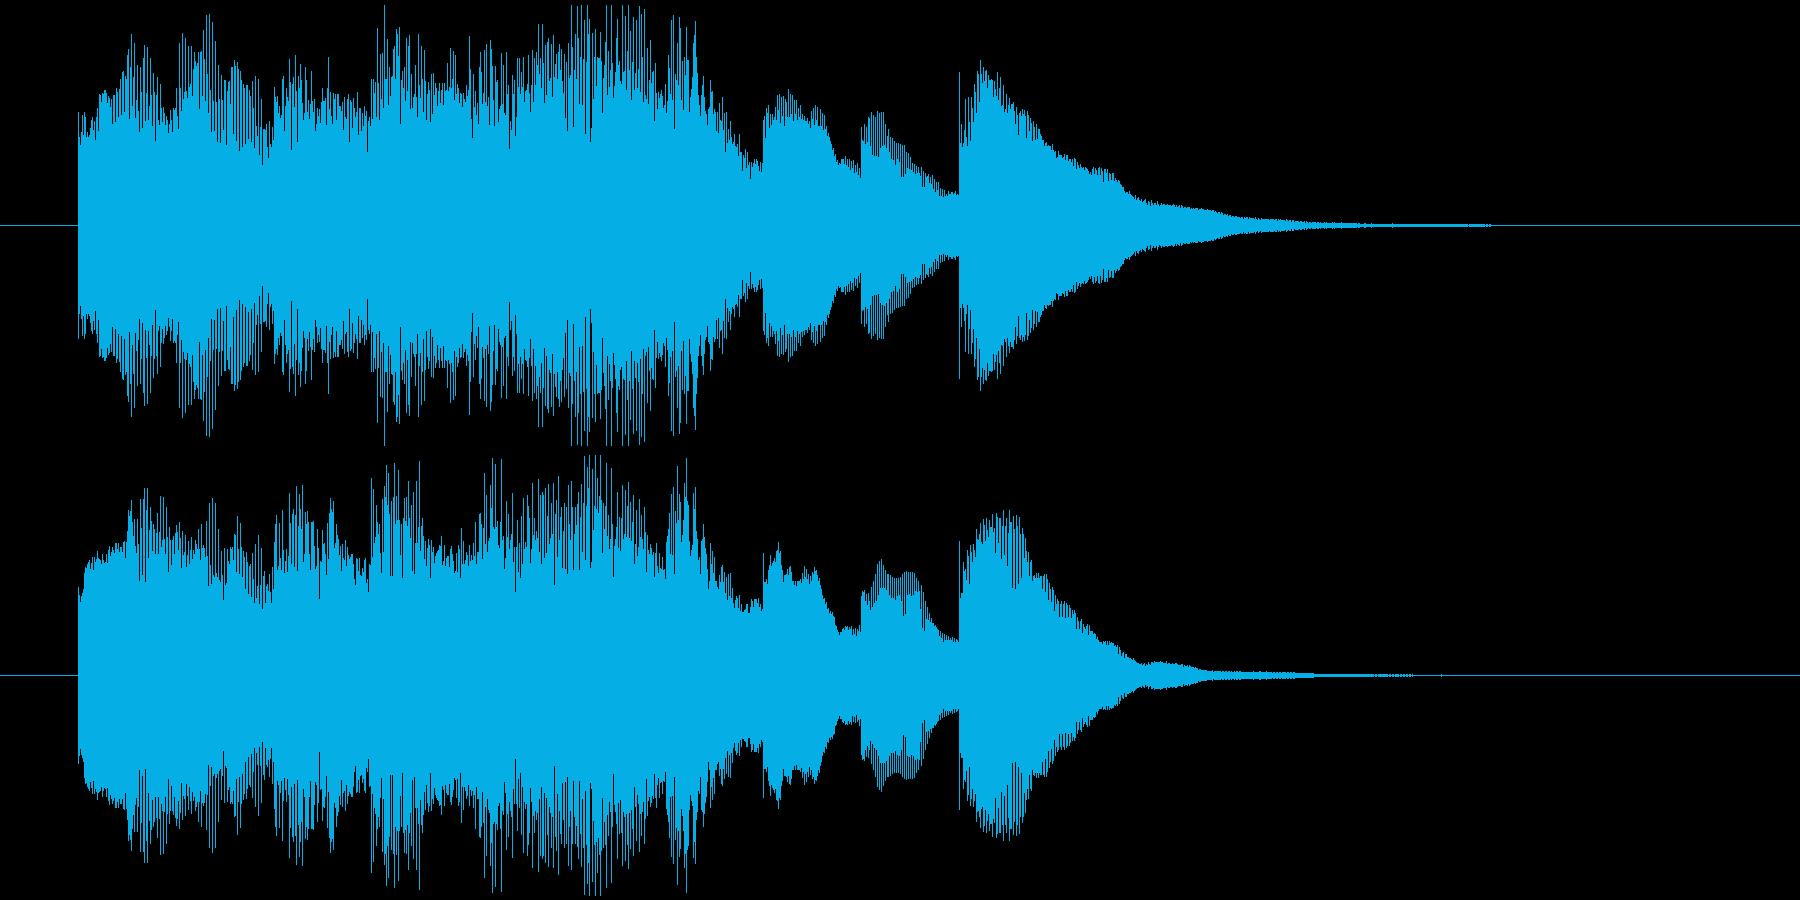 場面転換などに。可愛らしいジングルその2の再生済みの波形